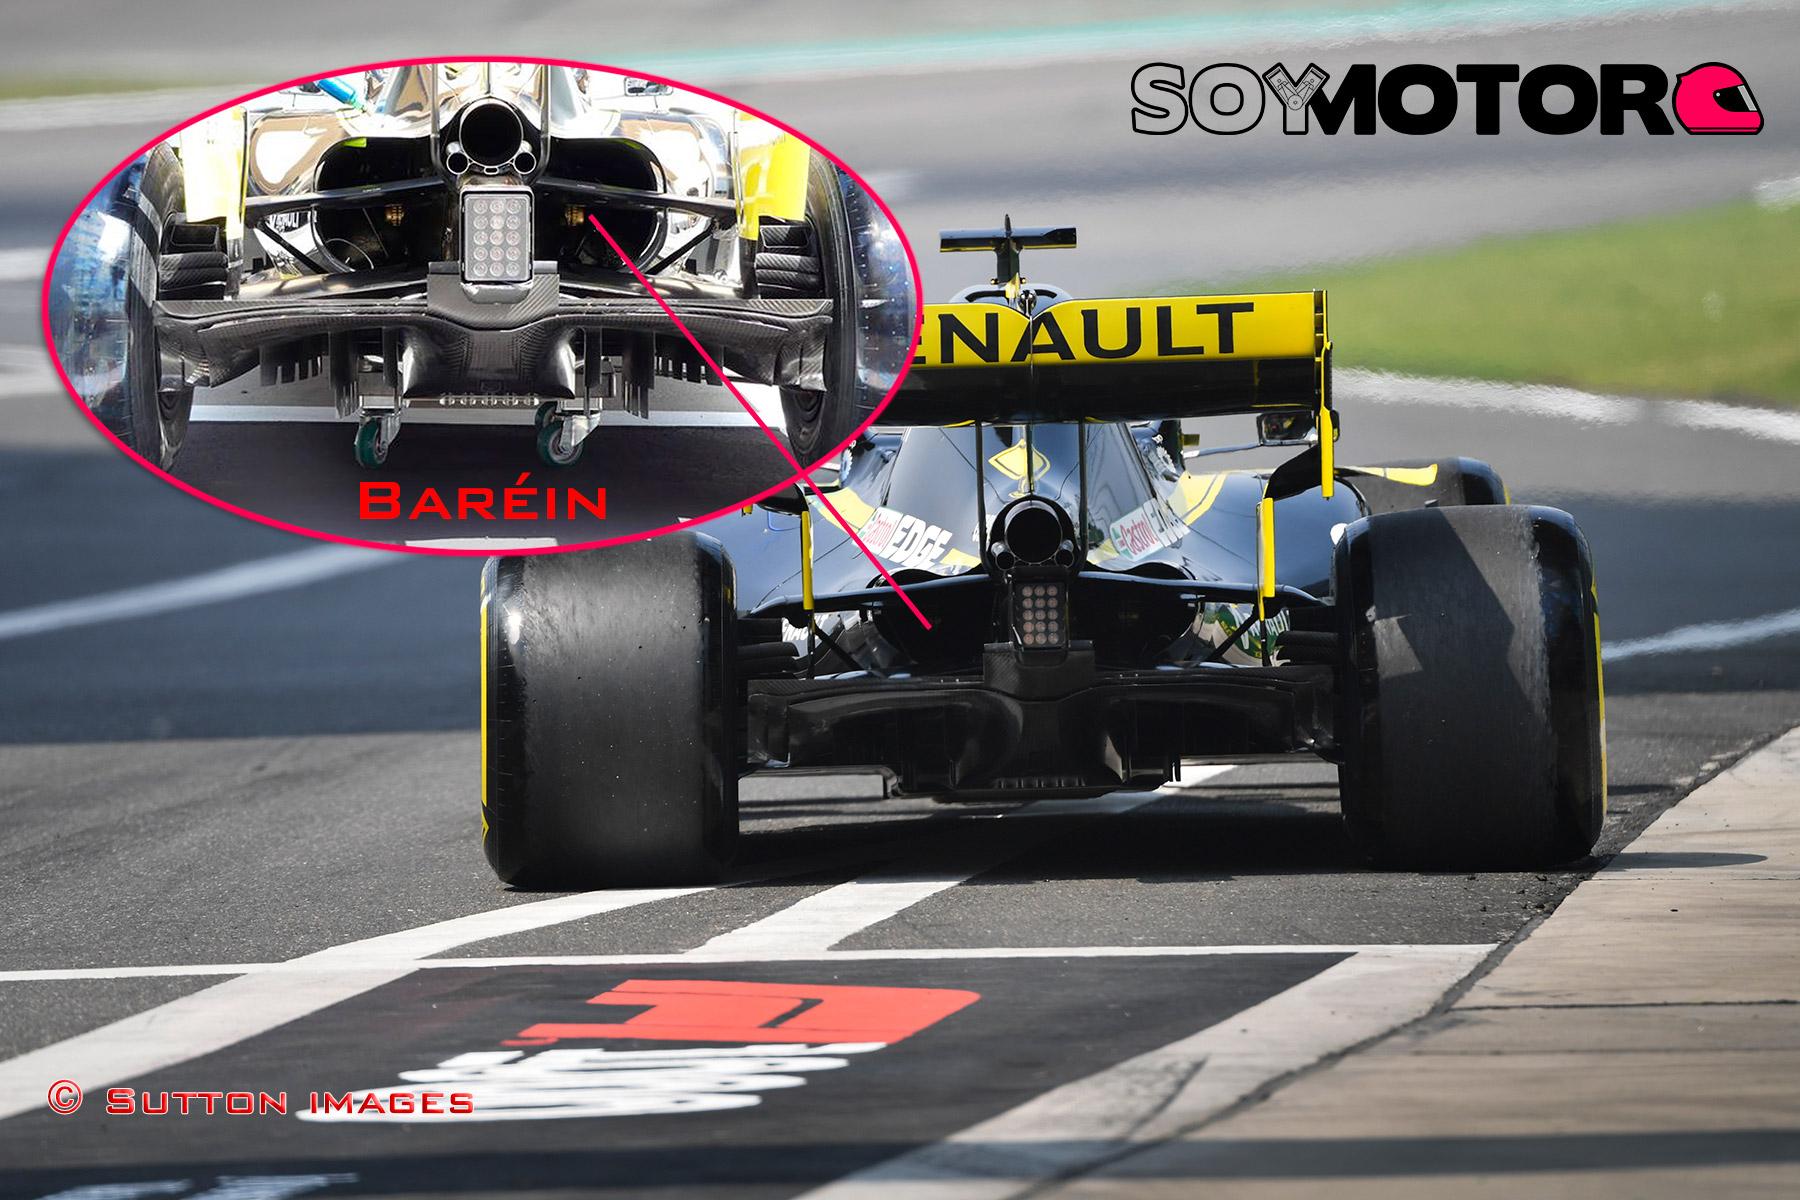 renault-tapa-motor-soymotor.jpg